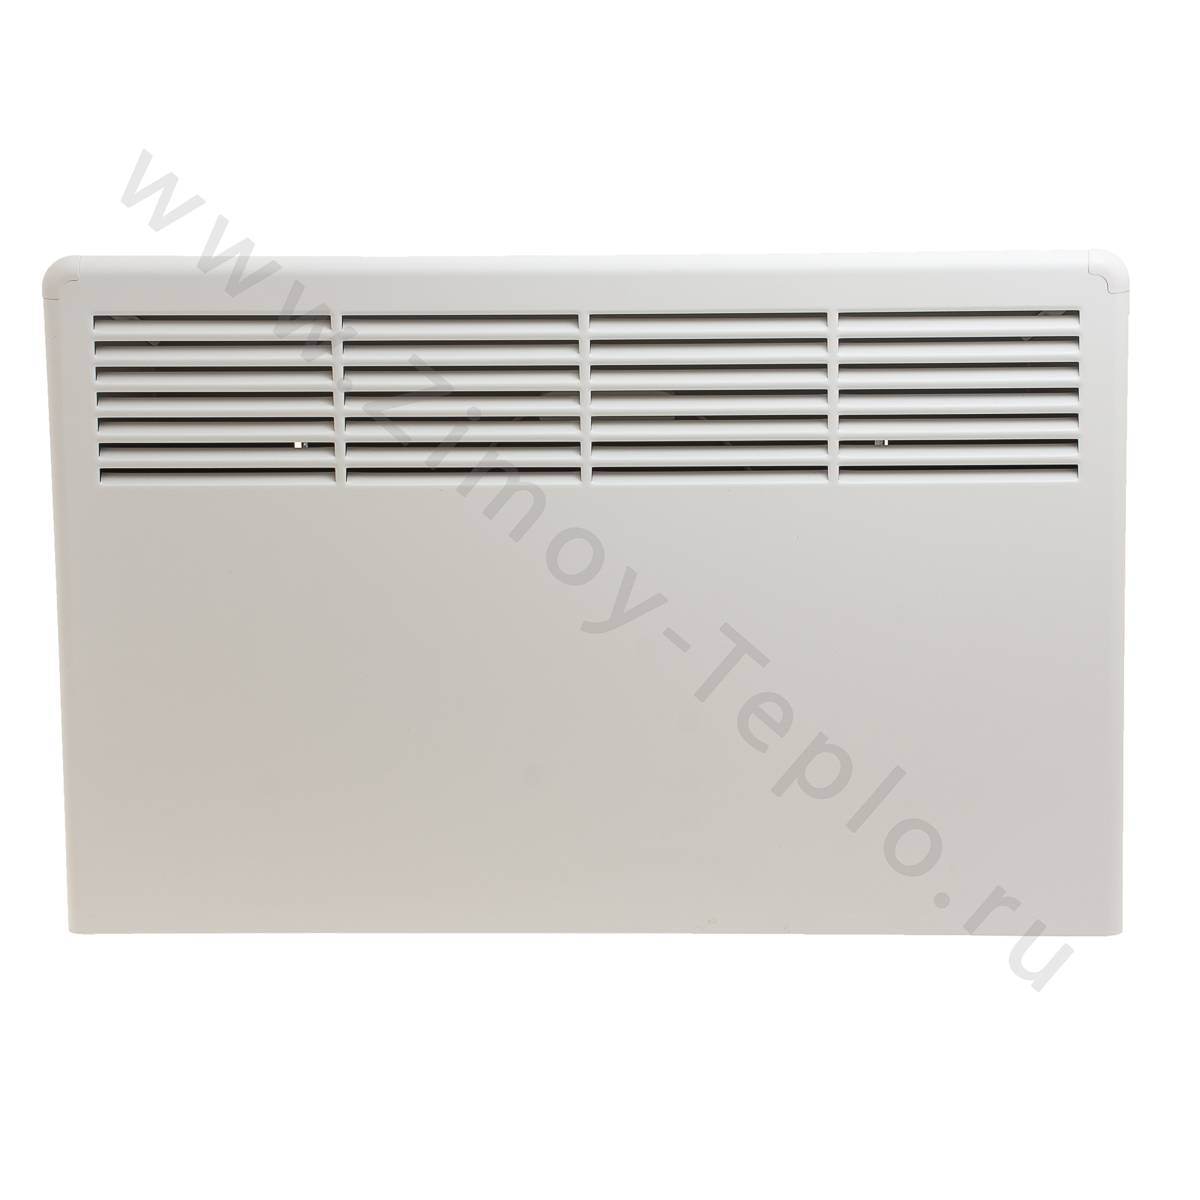 Электрические радиаторы отопления для дачи настенные экономичные | всё об отоплении